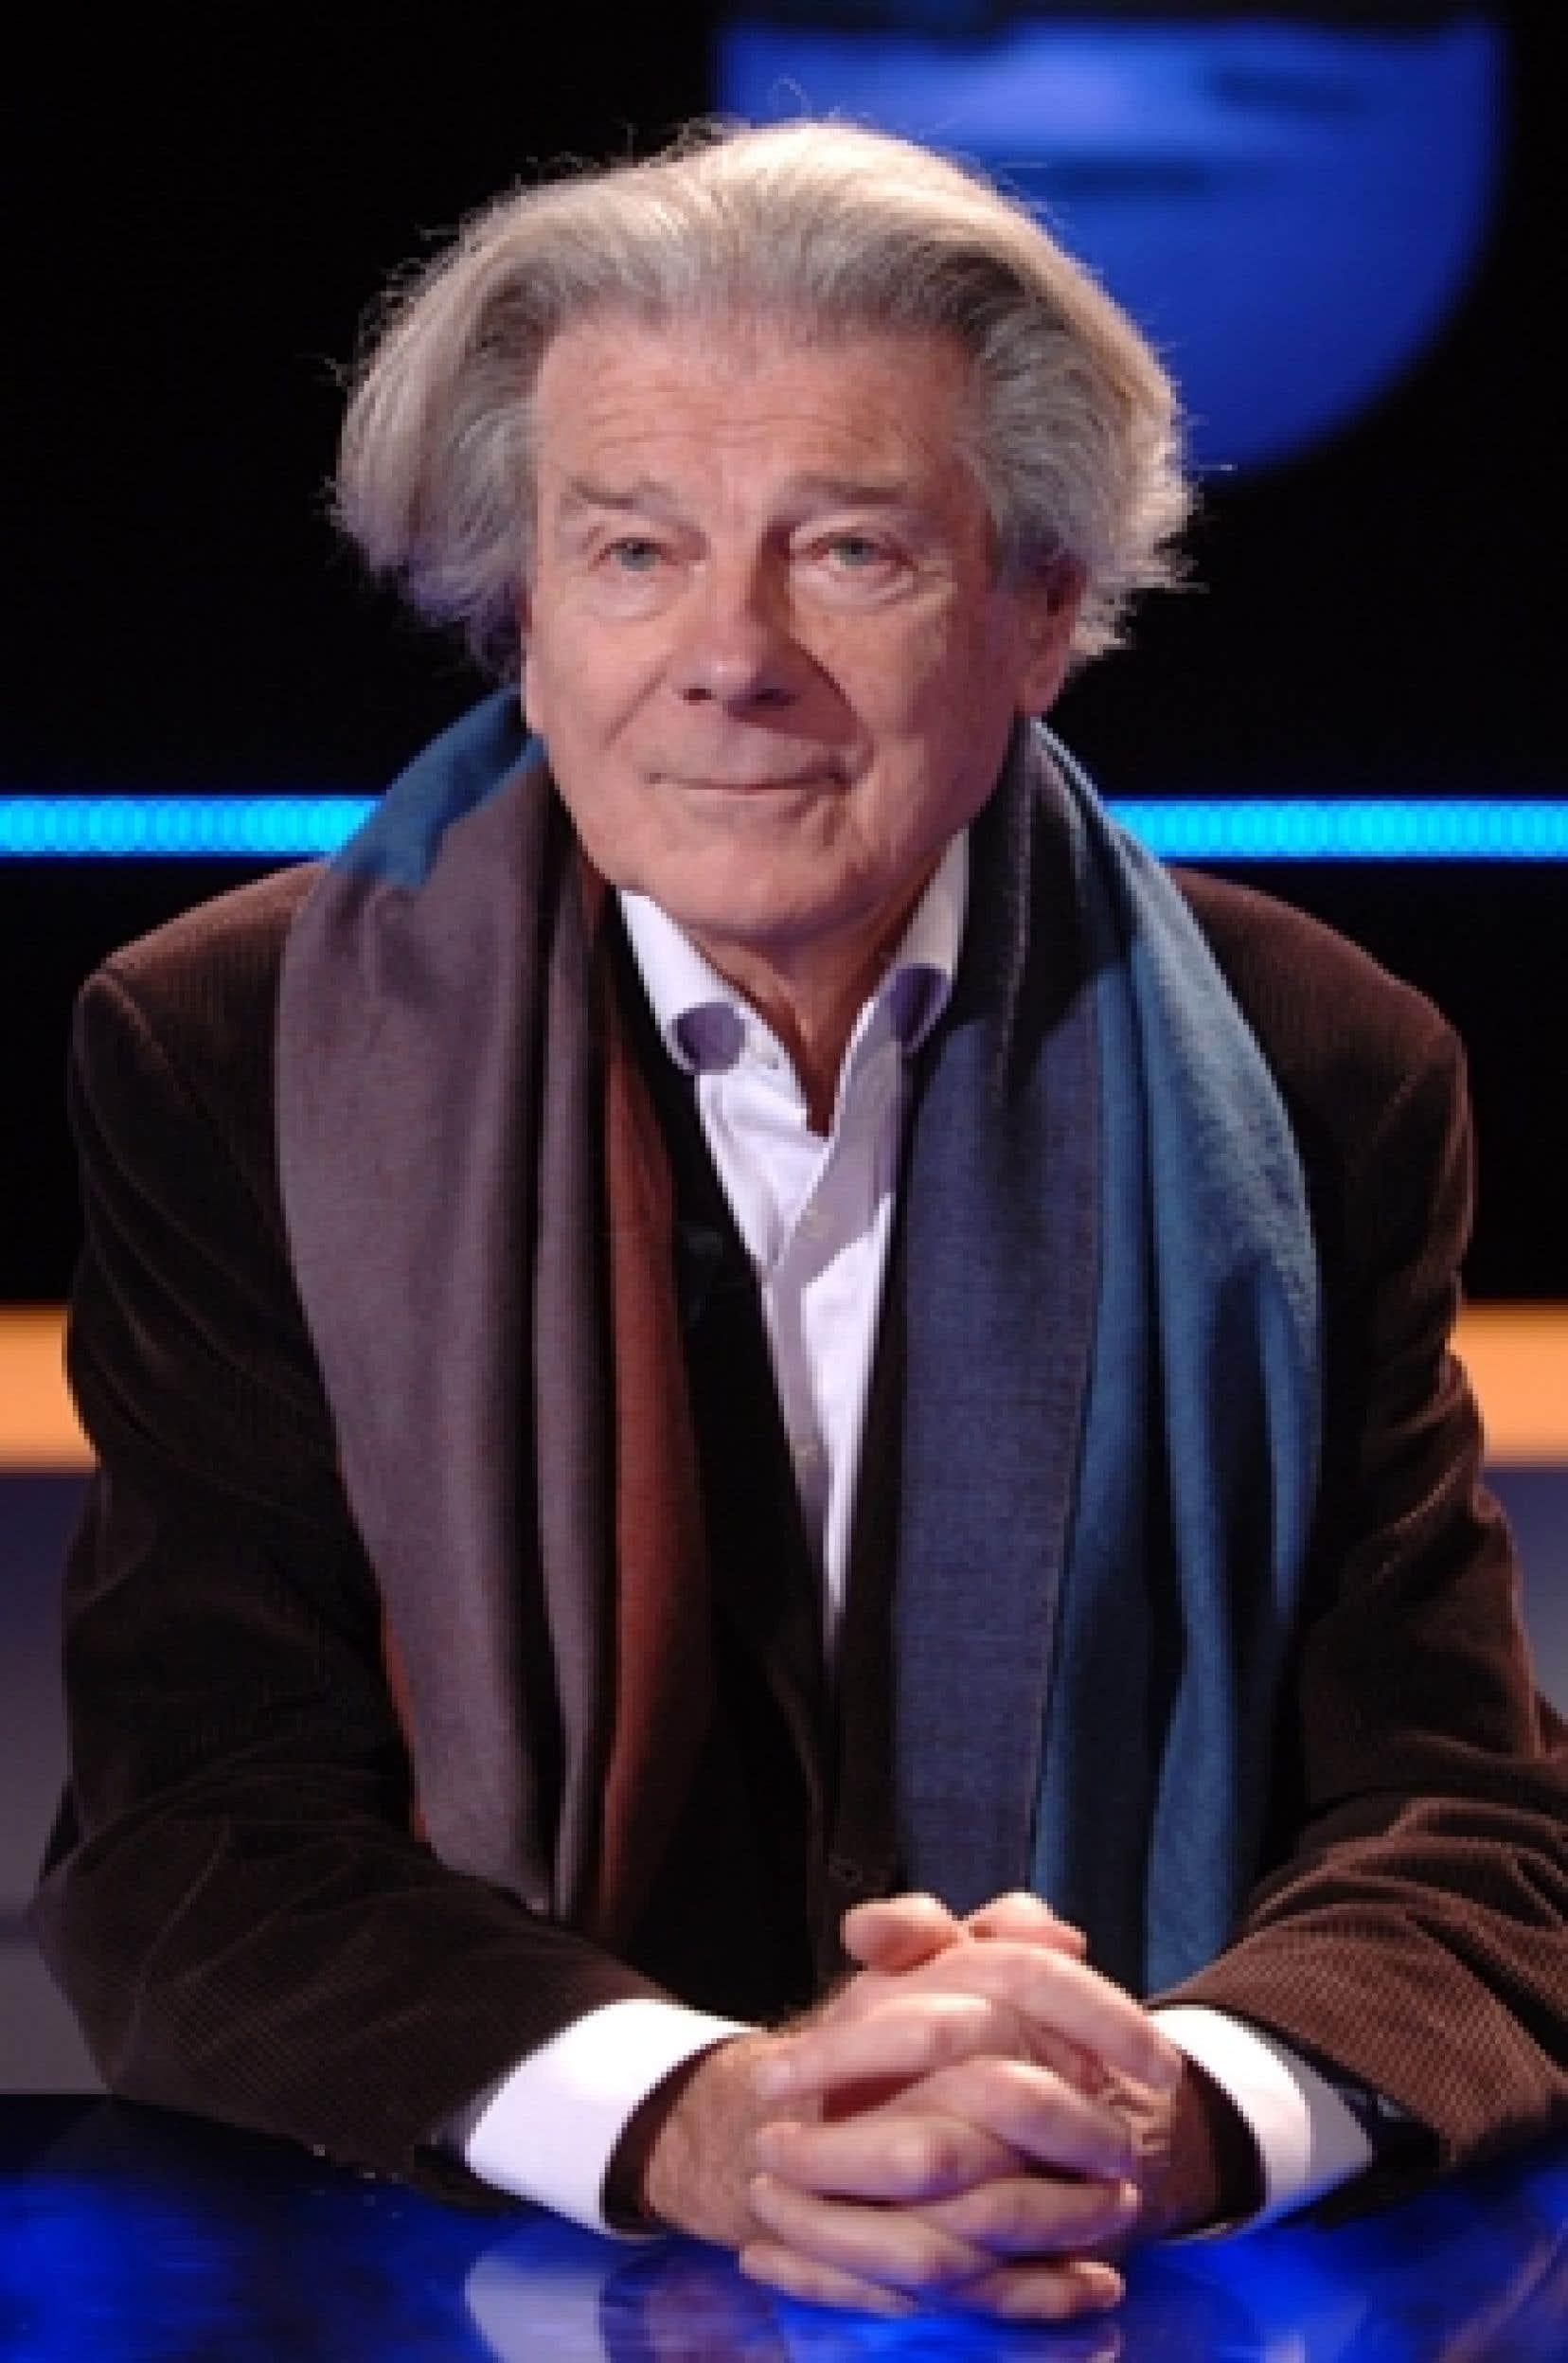 Dominique Fernandez publie chez Grasset les résultats d'une longue enquête sur son père Ramon Fernandez, critique littéraire de gauche devenu fasciste et collaborateur.